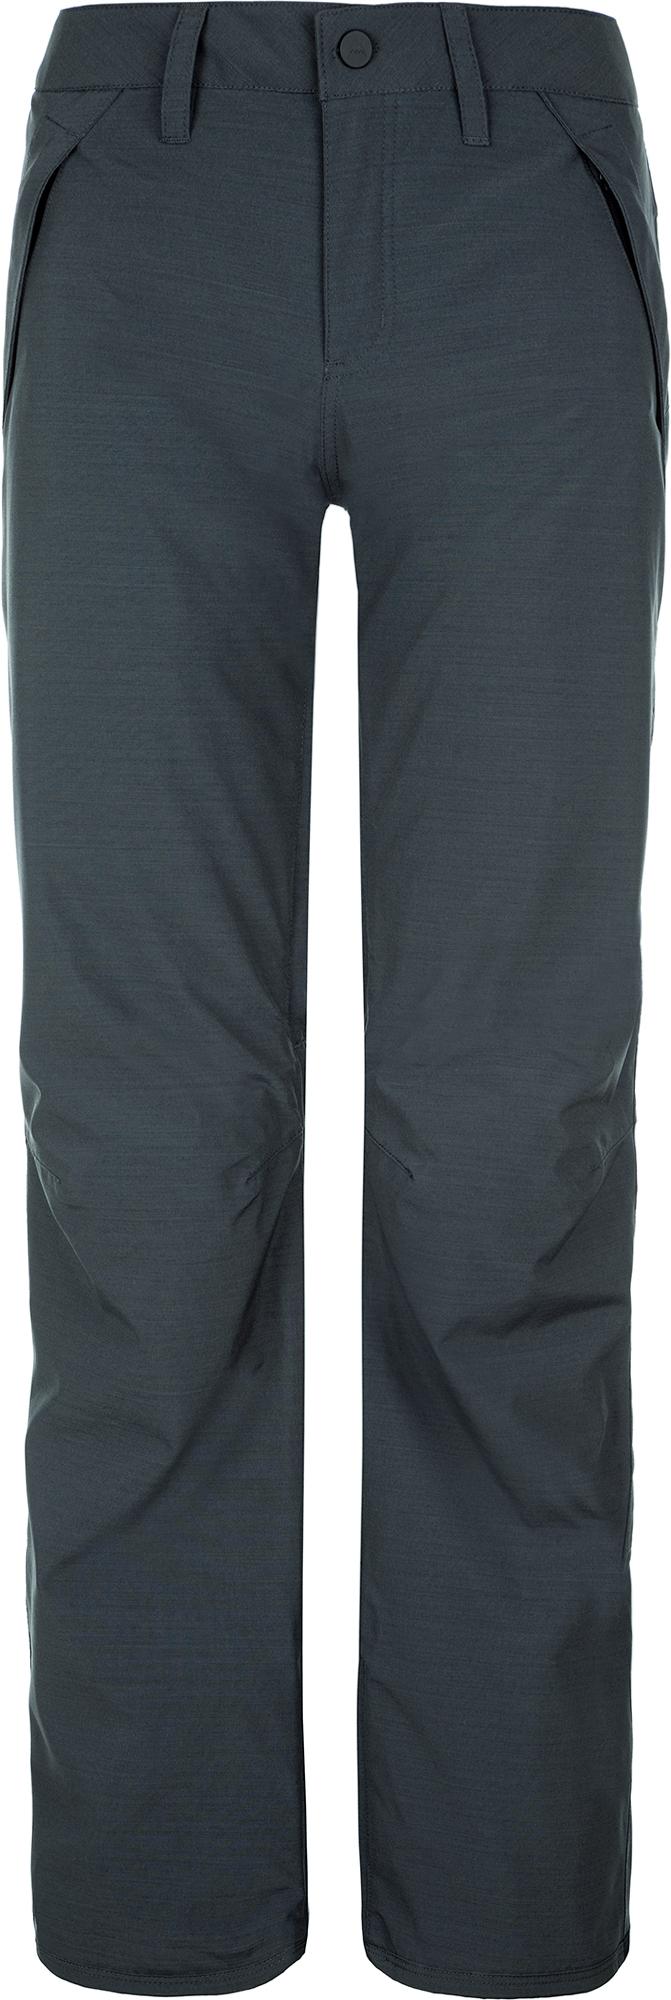 Burton Брюки утепленные женские Burton Society, размер 46-48 burton брюки boys exile cargo pt